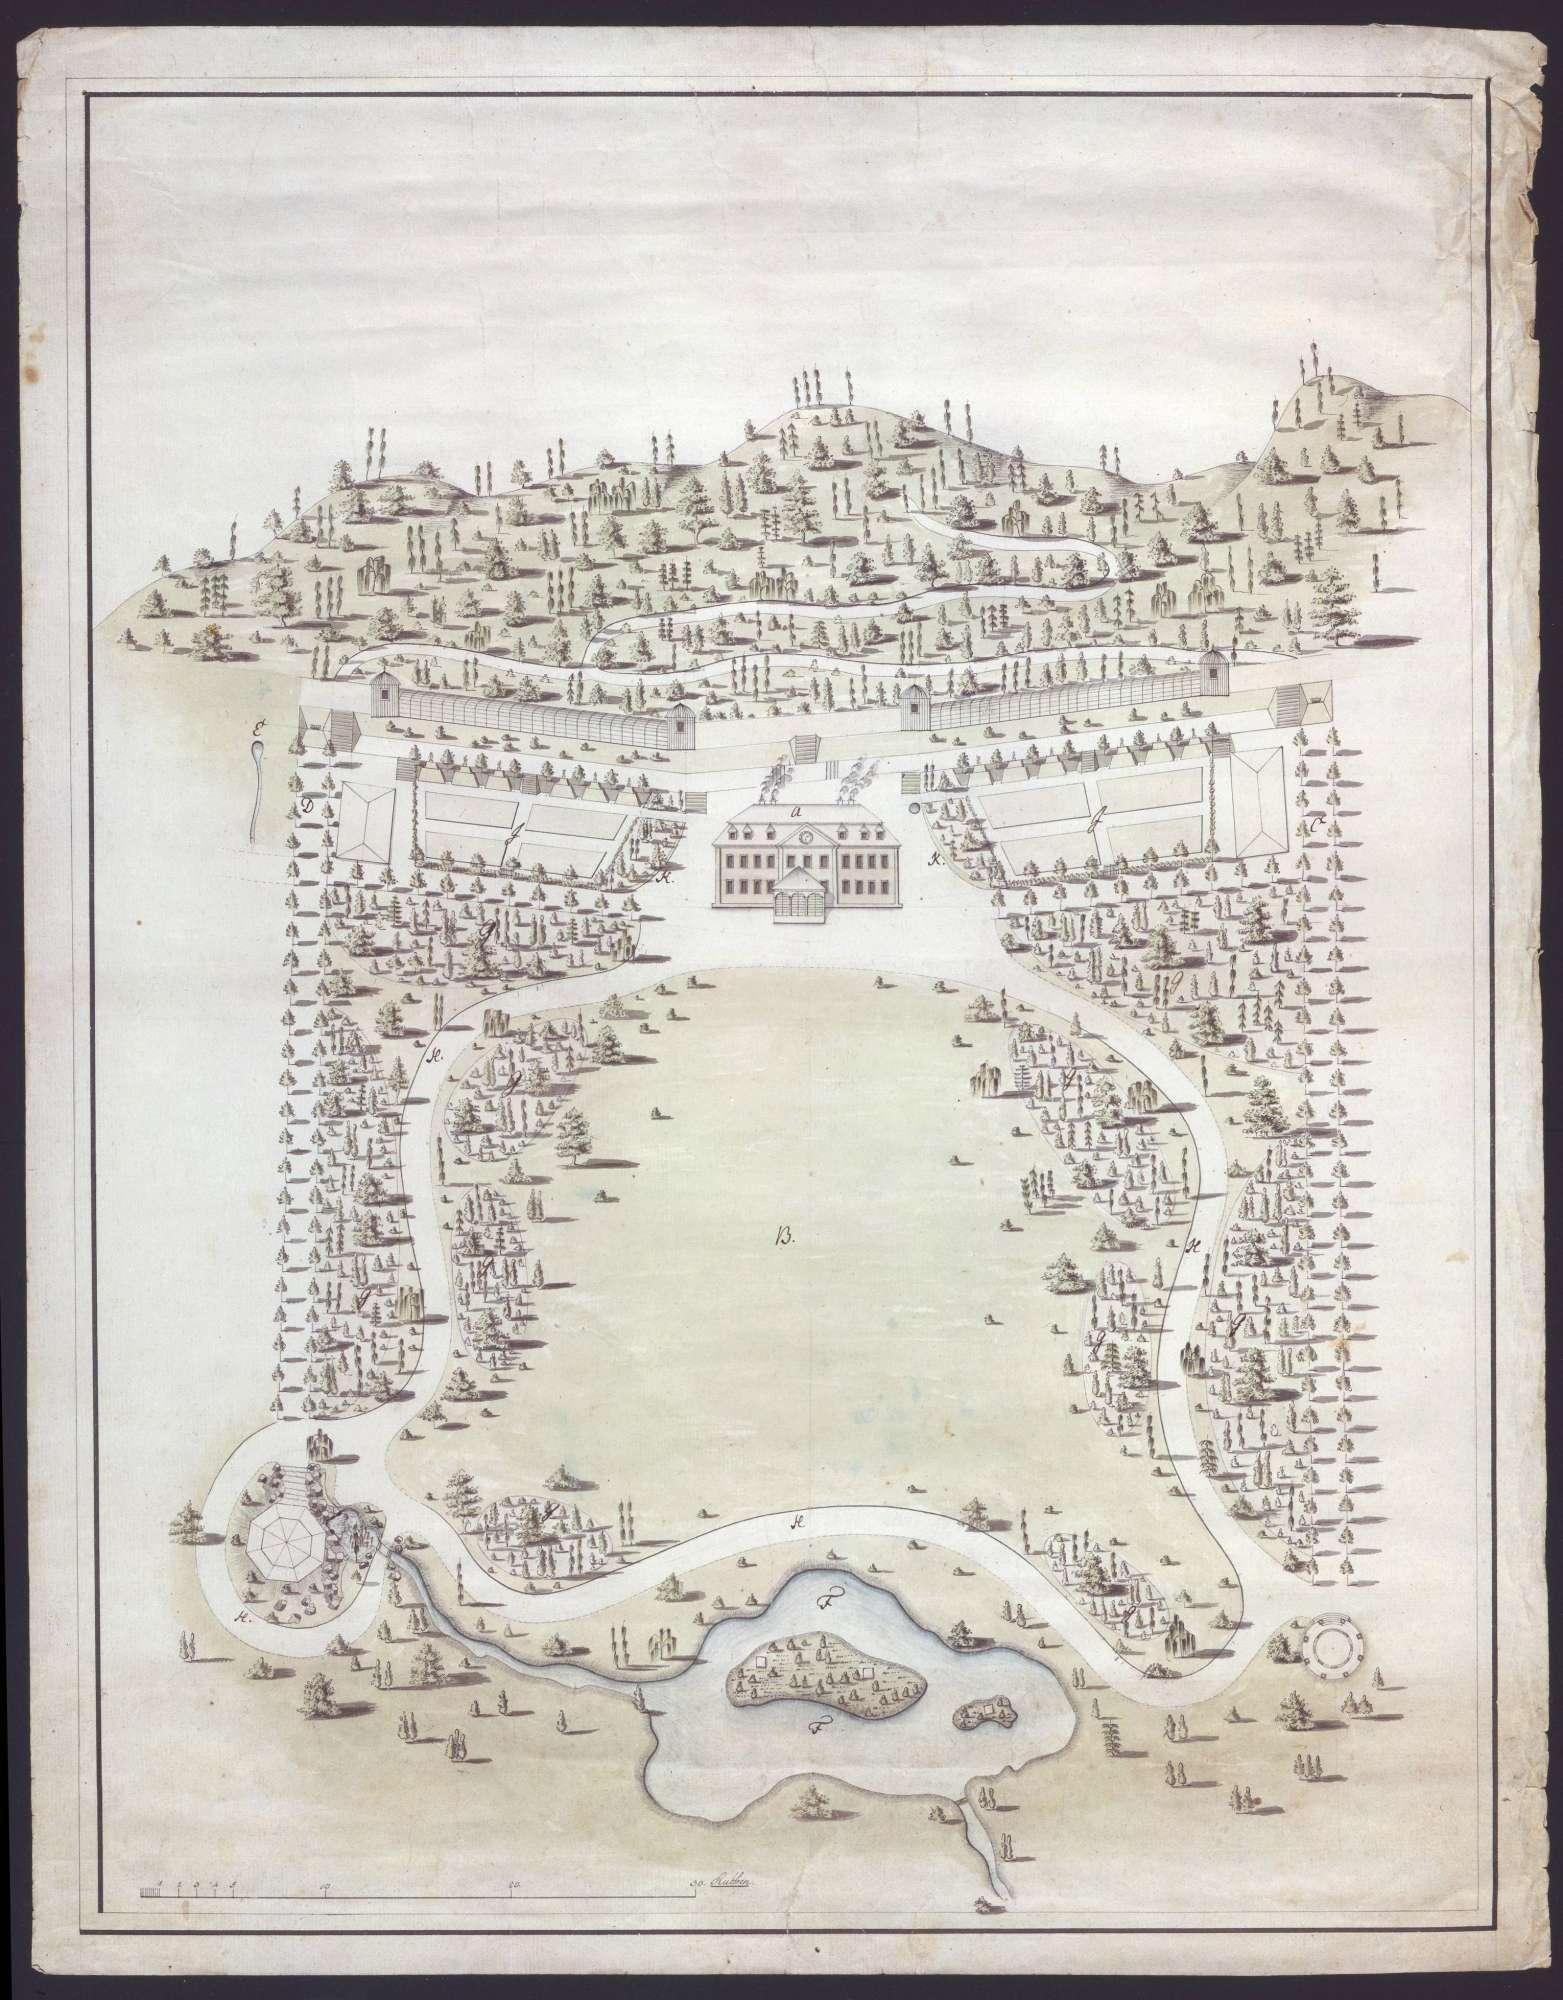 Entwurf für die Anlage des Bades in Imnau, Bild 1